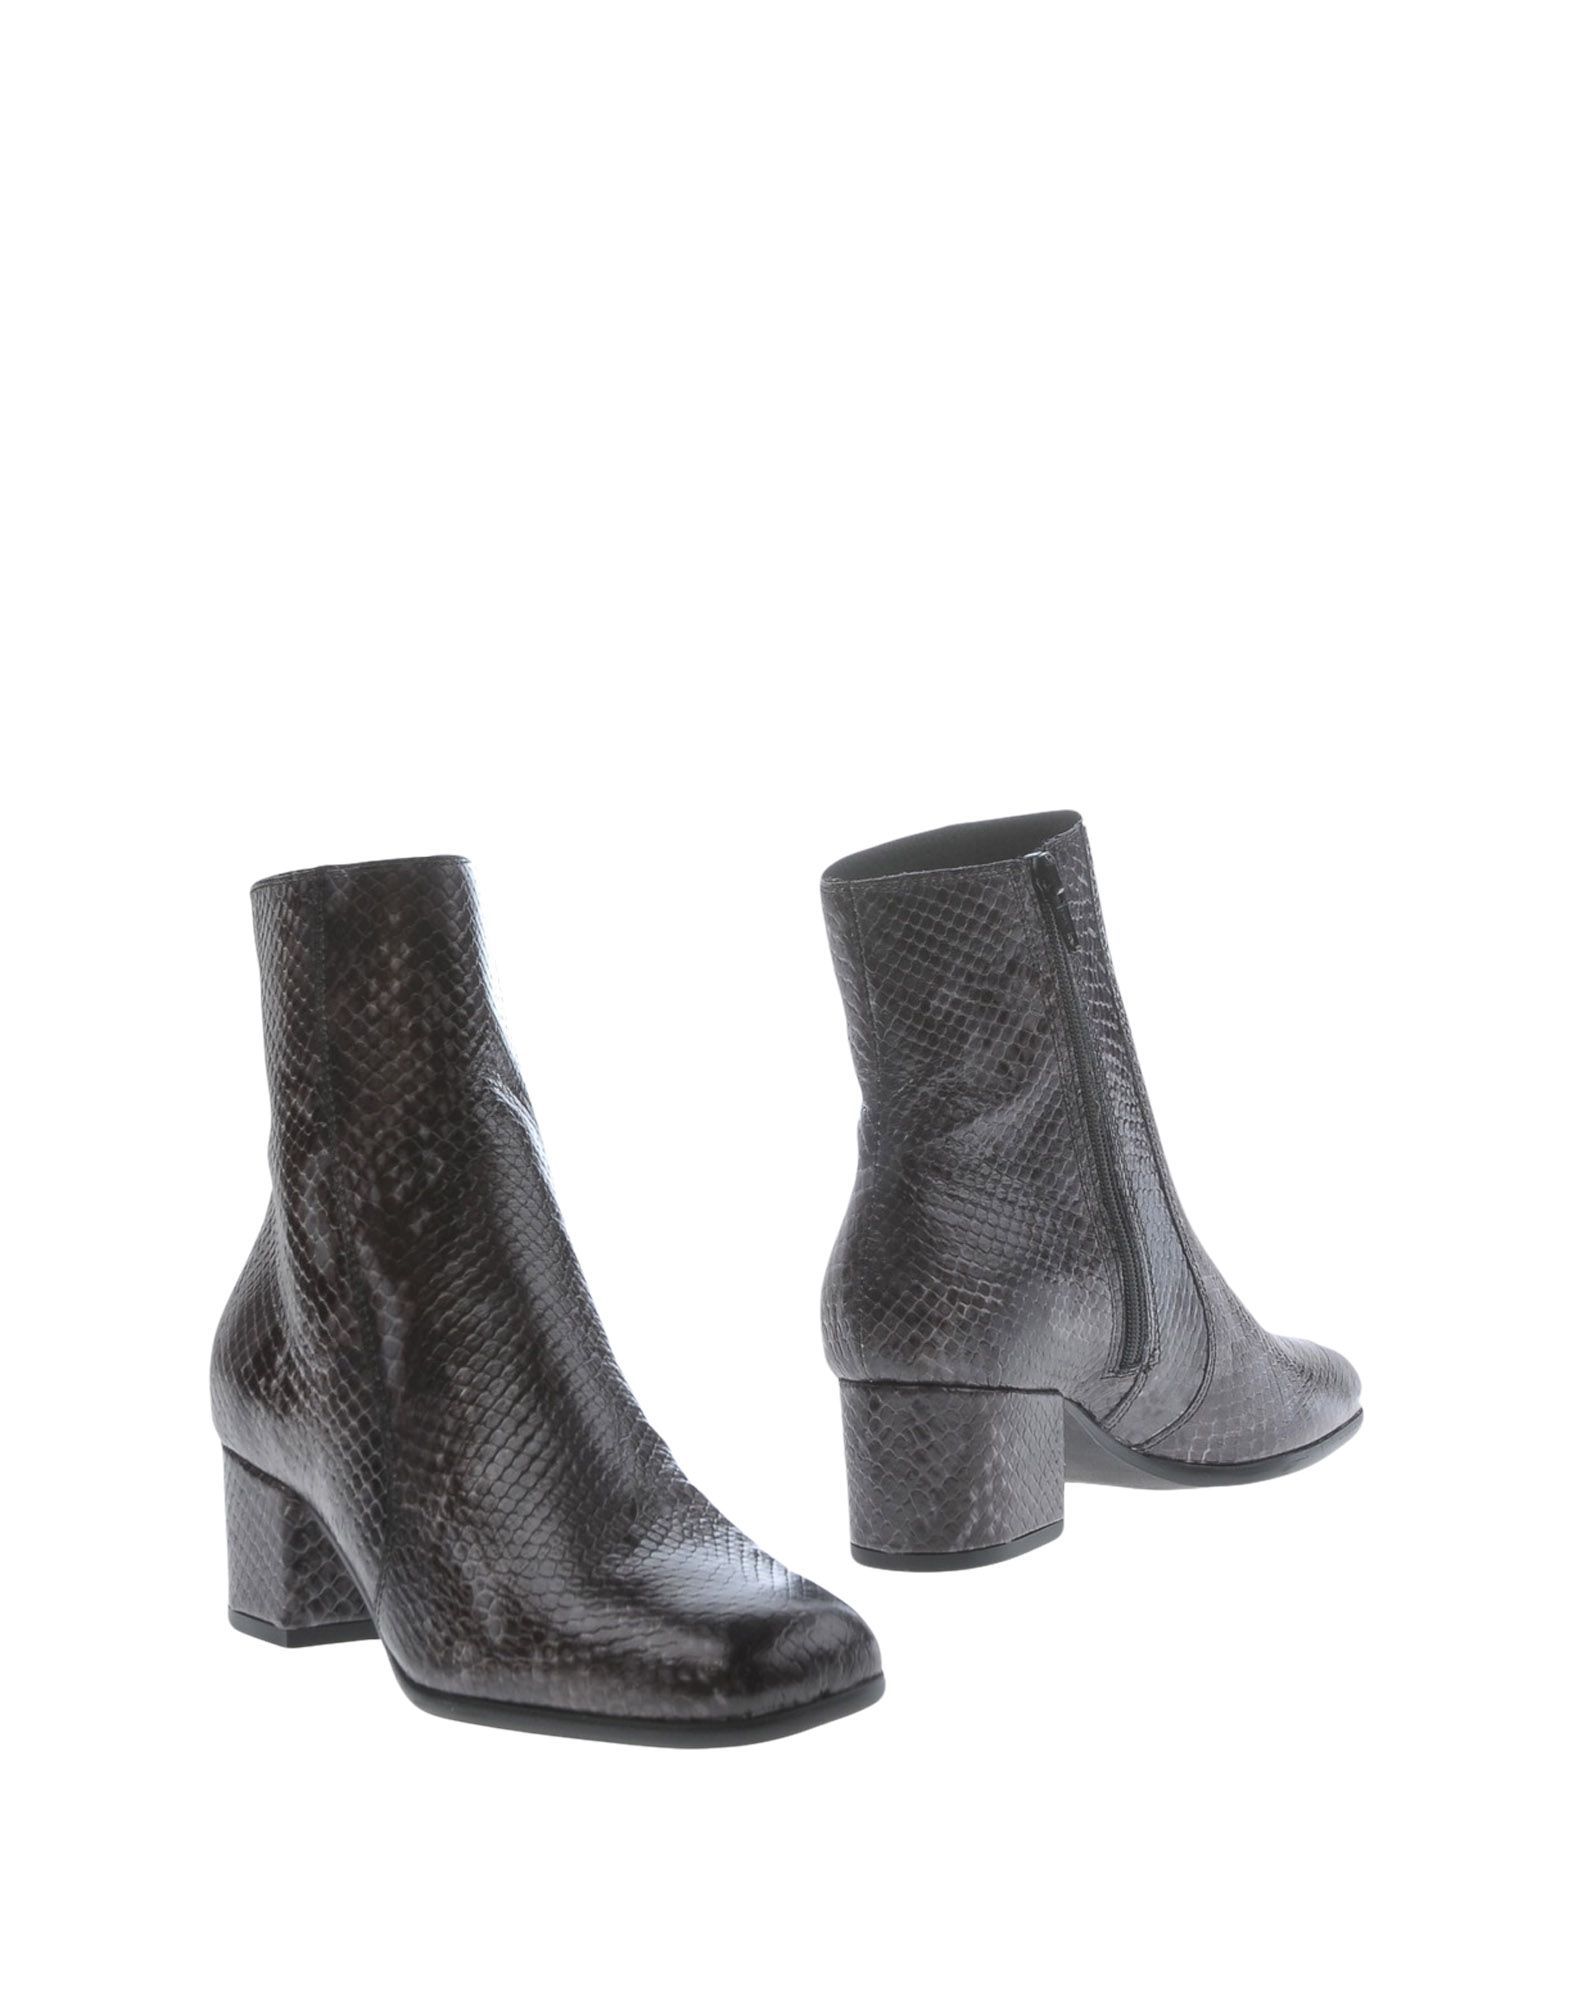 Bagatt Stiefelette Damen  11286057JO Gute Qualität beliebte Schuhe